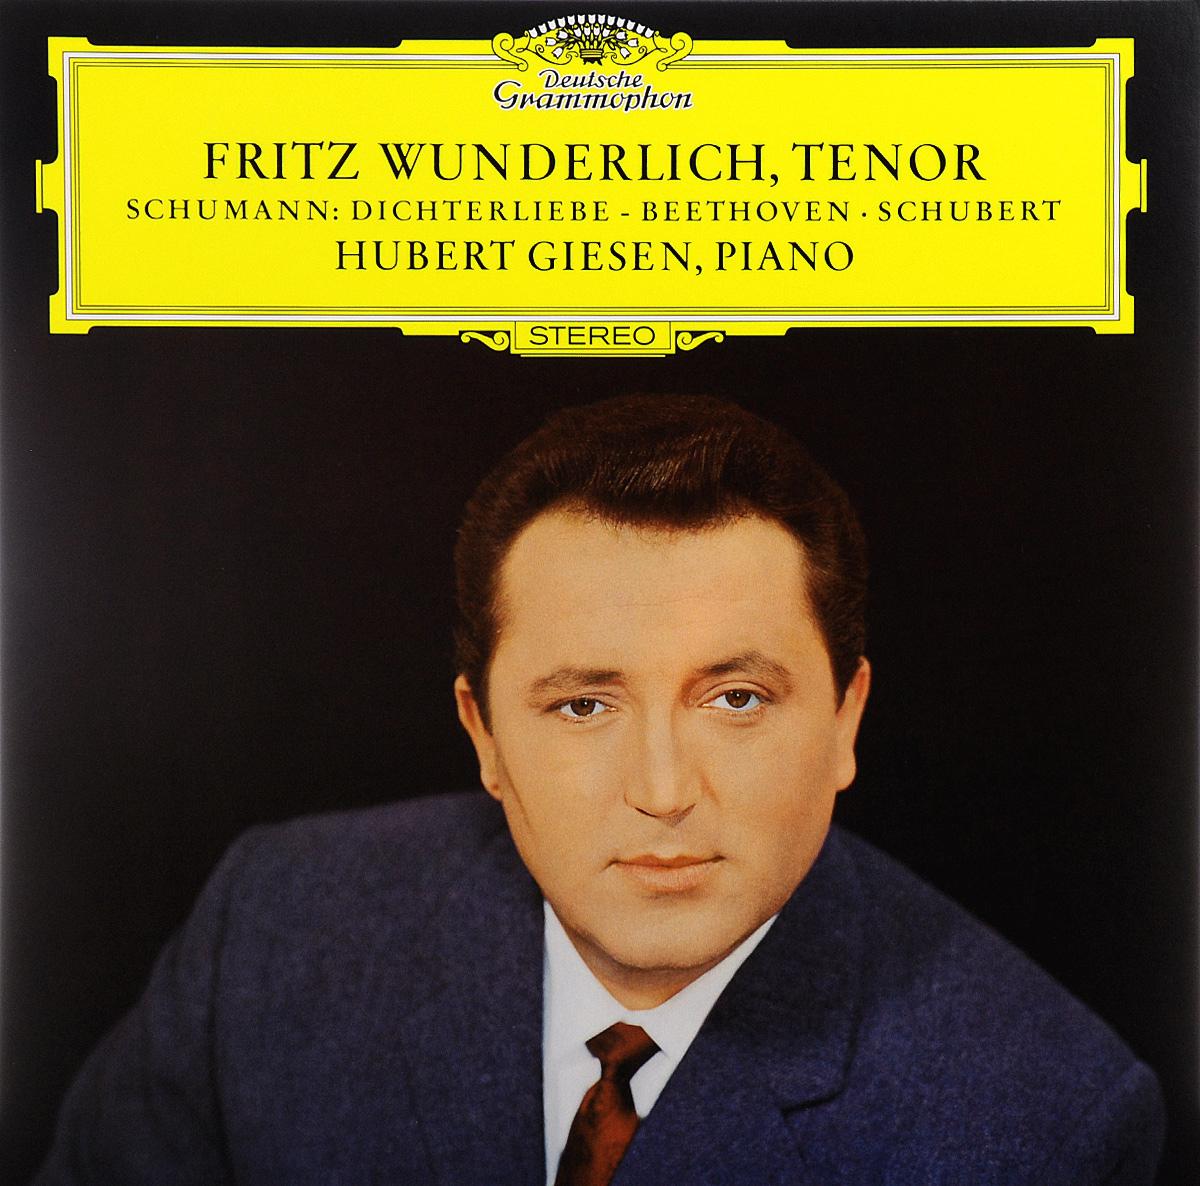 На упаковке представлены тексты песен на немецком языке.